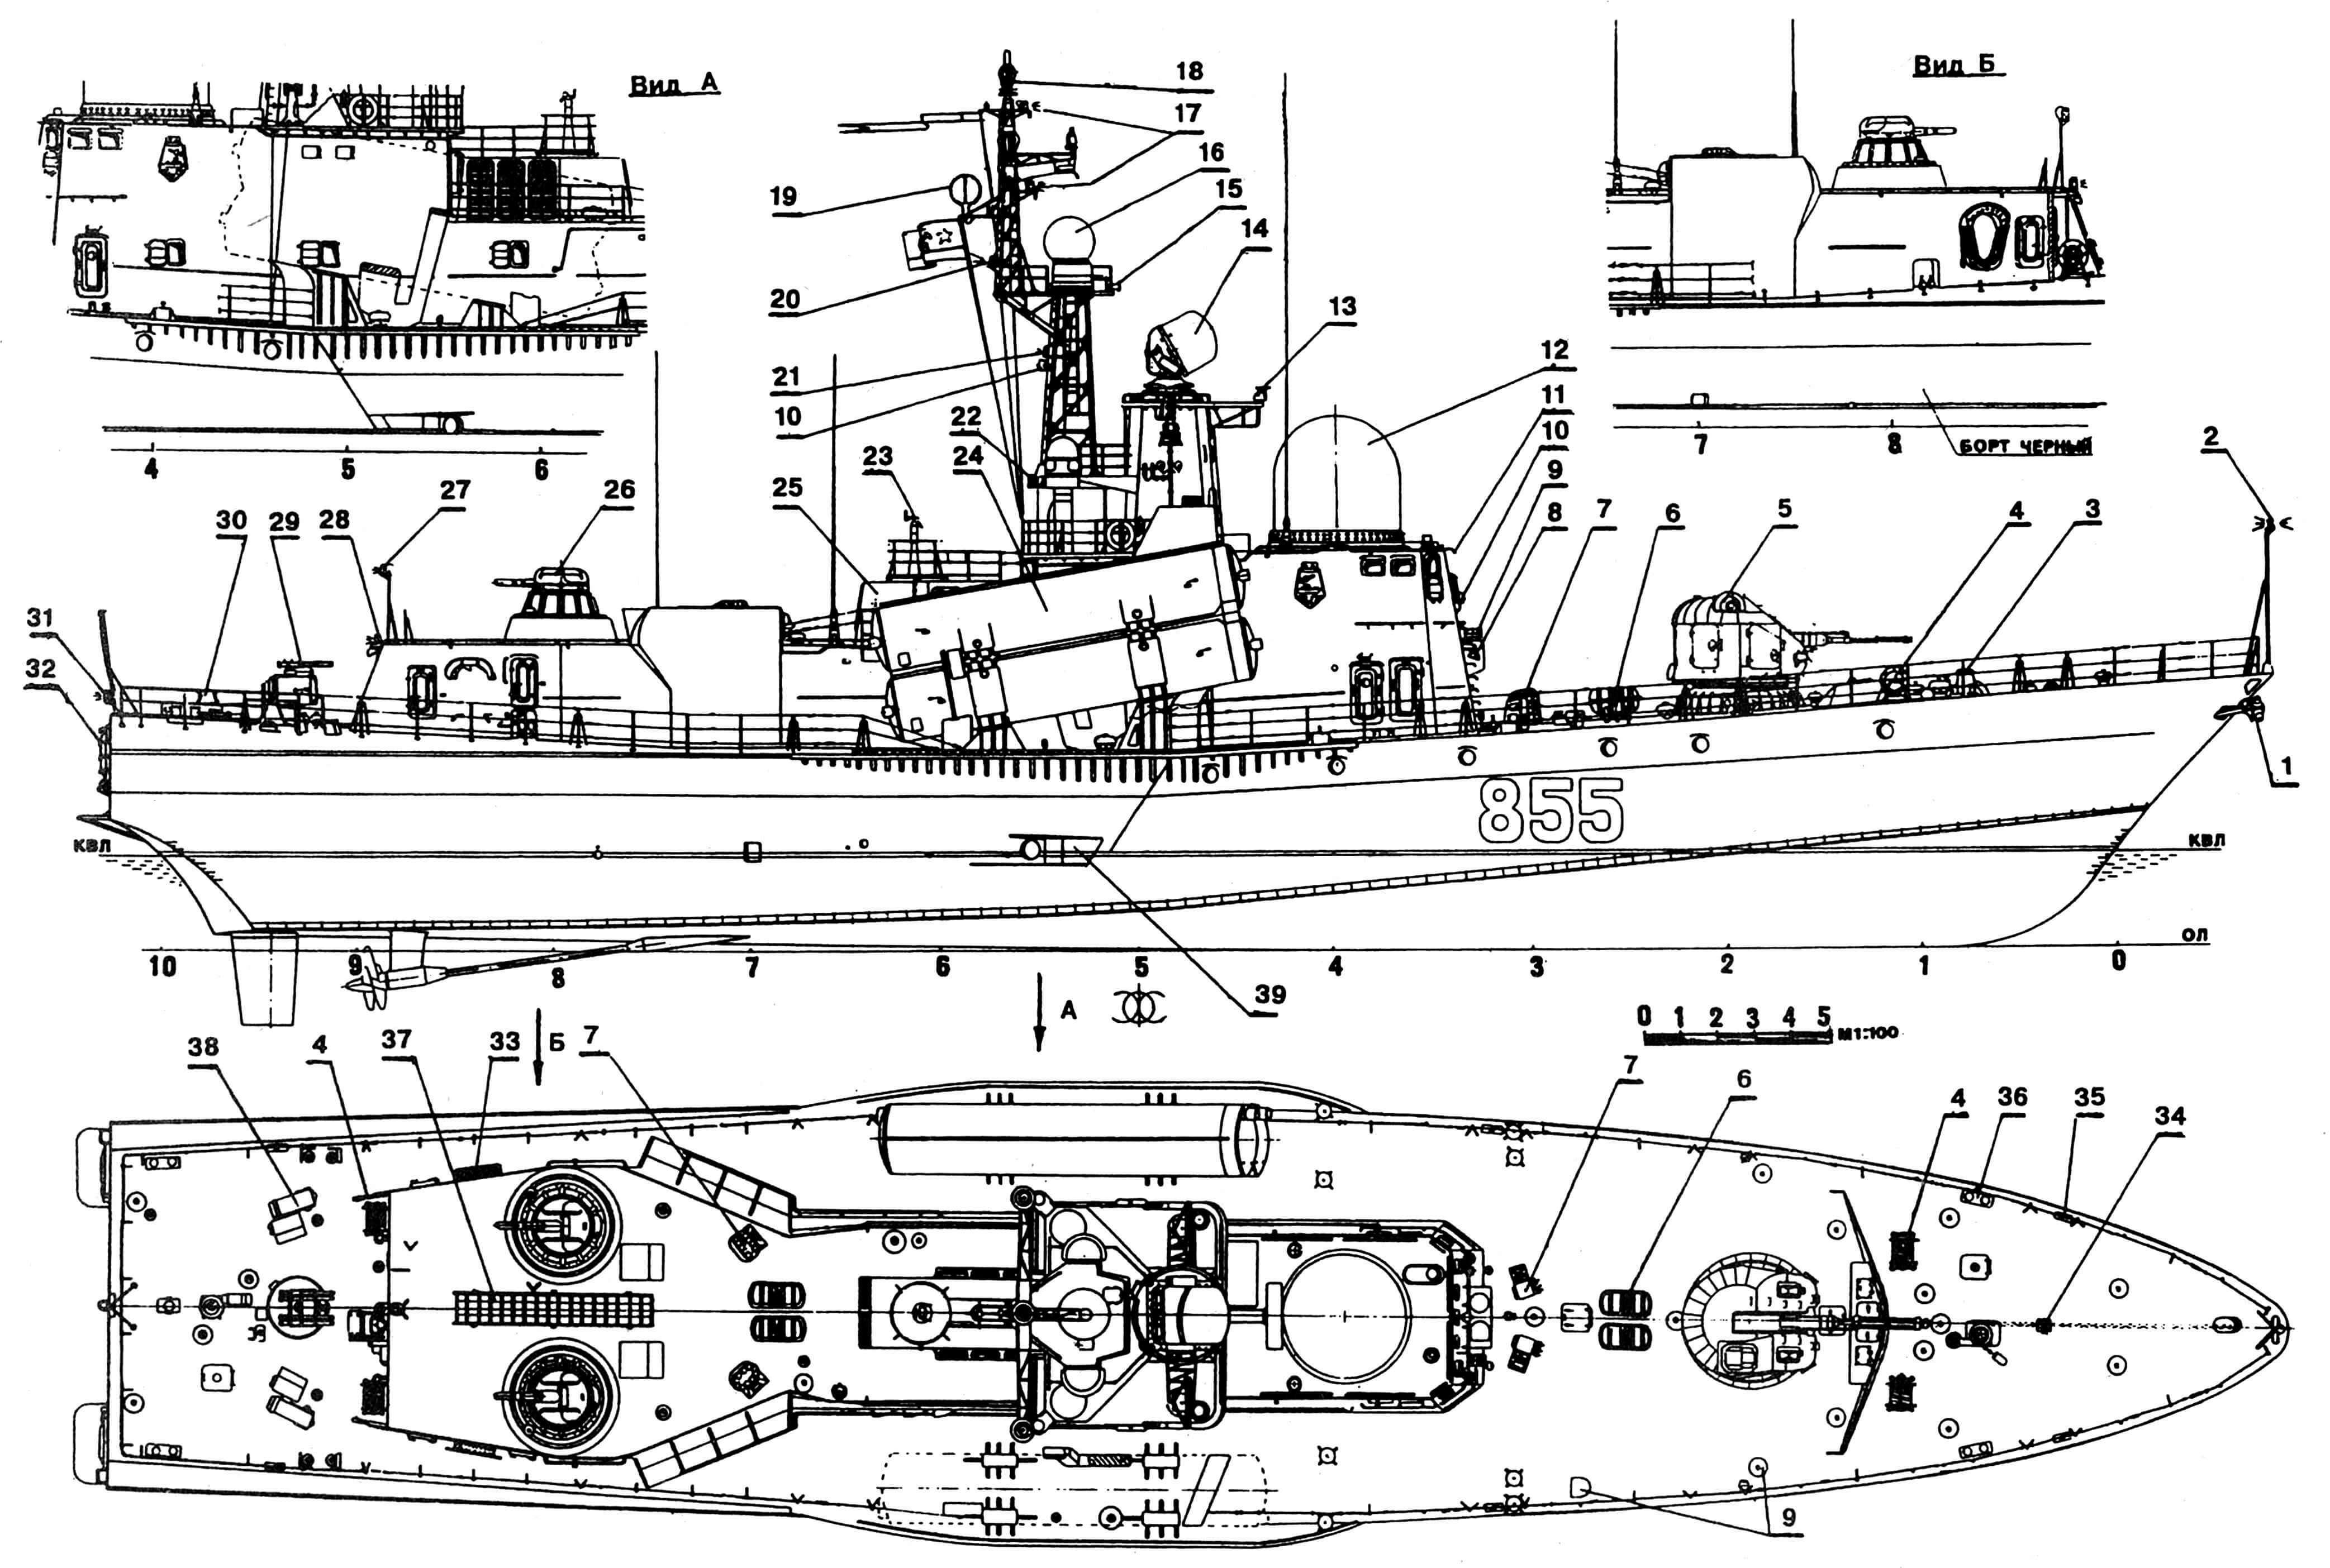 Большой ракетный катер «МОЛНИЯ» пр. 1241.1: 1 — якорь Холла, 2 — якорный носовой сигнально-отличительный огонь (СОО), белый, 3 — якорный шпиль, 4 — вьюшка, 5 — 76-мм артустановка АК-176, 6 — контейнер спасательного плота ПСН-10М (4шт.), 7 — пусковая установка комплекса помех ближнего рубежа ПК-10 (4 шт.), 8 — плафон палубного освещения, 9 — вентиляционные оголовки, 10 — громкоговоритель, 11 — форсунка орошения системы противоатомной защиты, 12 — РЛС «Монолит» управления главным ракетным комплексом «Москит», 13 — навигационная щелевая РЛС «Печора-1», 14 — РЛС МР-123 системы управления огнем артустановок «Вымпел», 15 — тифон, 16 — РЛС общего обнаружения, 17 — топовые СОО, белые, 18 — биконические антенны (3 шт.), 19 — антенна радиопеленгатора, 20 — флагманский СОО, белый, 21 — кильватерный верхний СОО, белый, 22 — бортовой СОО (левый — красный, правый — зеленый), 23 — колонка оптического визира, 24 — пусковые контейнеры главного ракетного комплекса «Москит», 25 — ограждение воздухозаборной шахты, 26 — 30-мм артустановка АК-630, 27 — буксировочный СОО, белый, 28 — кормовой СОО, белый, 29 — пусковая установка МТУ-4 зенитно-ракетного комплекса самообороны «Стрела-3» или «Игла», 30 — швартовый шпиль, 31 — якорный кормовой СОО, белый, 32 — крышки выхлопных патрубков газотурбинных двигателей, 33 — кабель электропитания с берега, 34 — цепной стопор, 35 — киповая планка, 36 — кнехты, 37 — забортный трап, 38 — пусковая установка комплекса помех ближнего рубежа ПК-16, 39 — брызгоотбойник выхлопа дизеля, 40 — антенна станции опознавания «Нихром», 41,42 — антенны высокочастотных станций радиоэлектронного противодействия, 43 — пелорус репитера гирокомпаса.